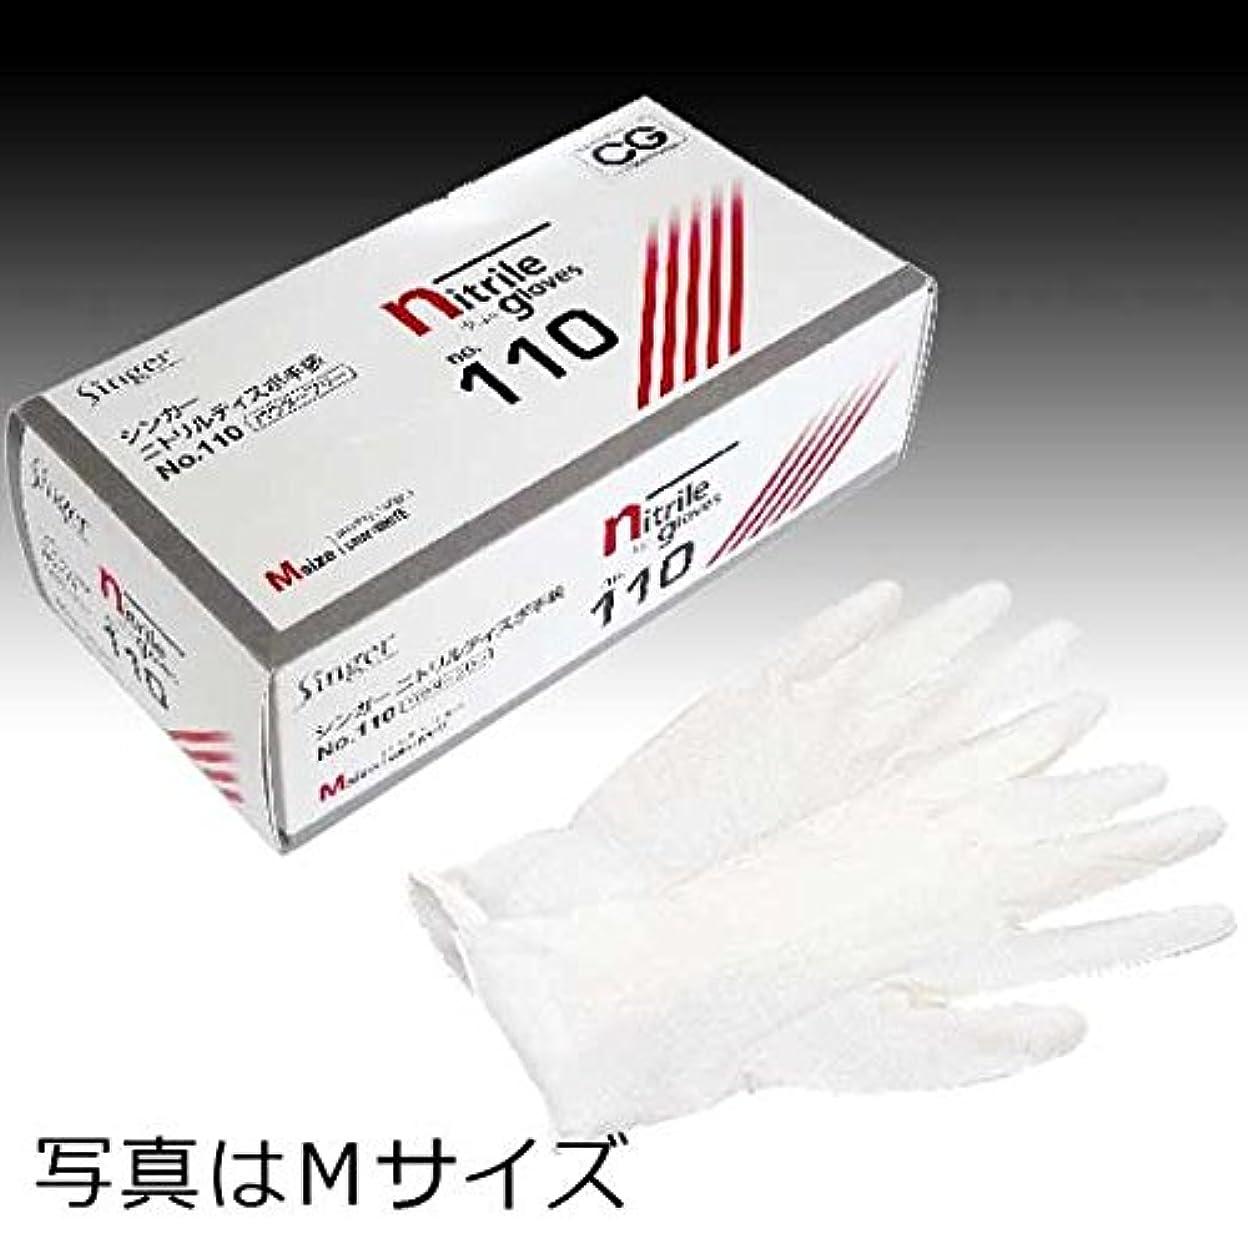 面倒検査官花瓶シンガーニトリルディスポ No.100 使い捨て手袋 粉つき2000枚 (100枚入り×20箱) (L)